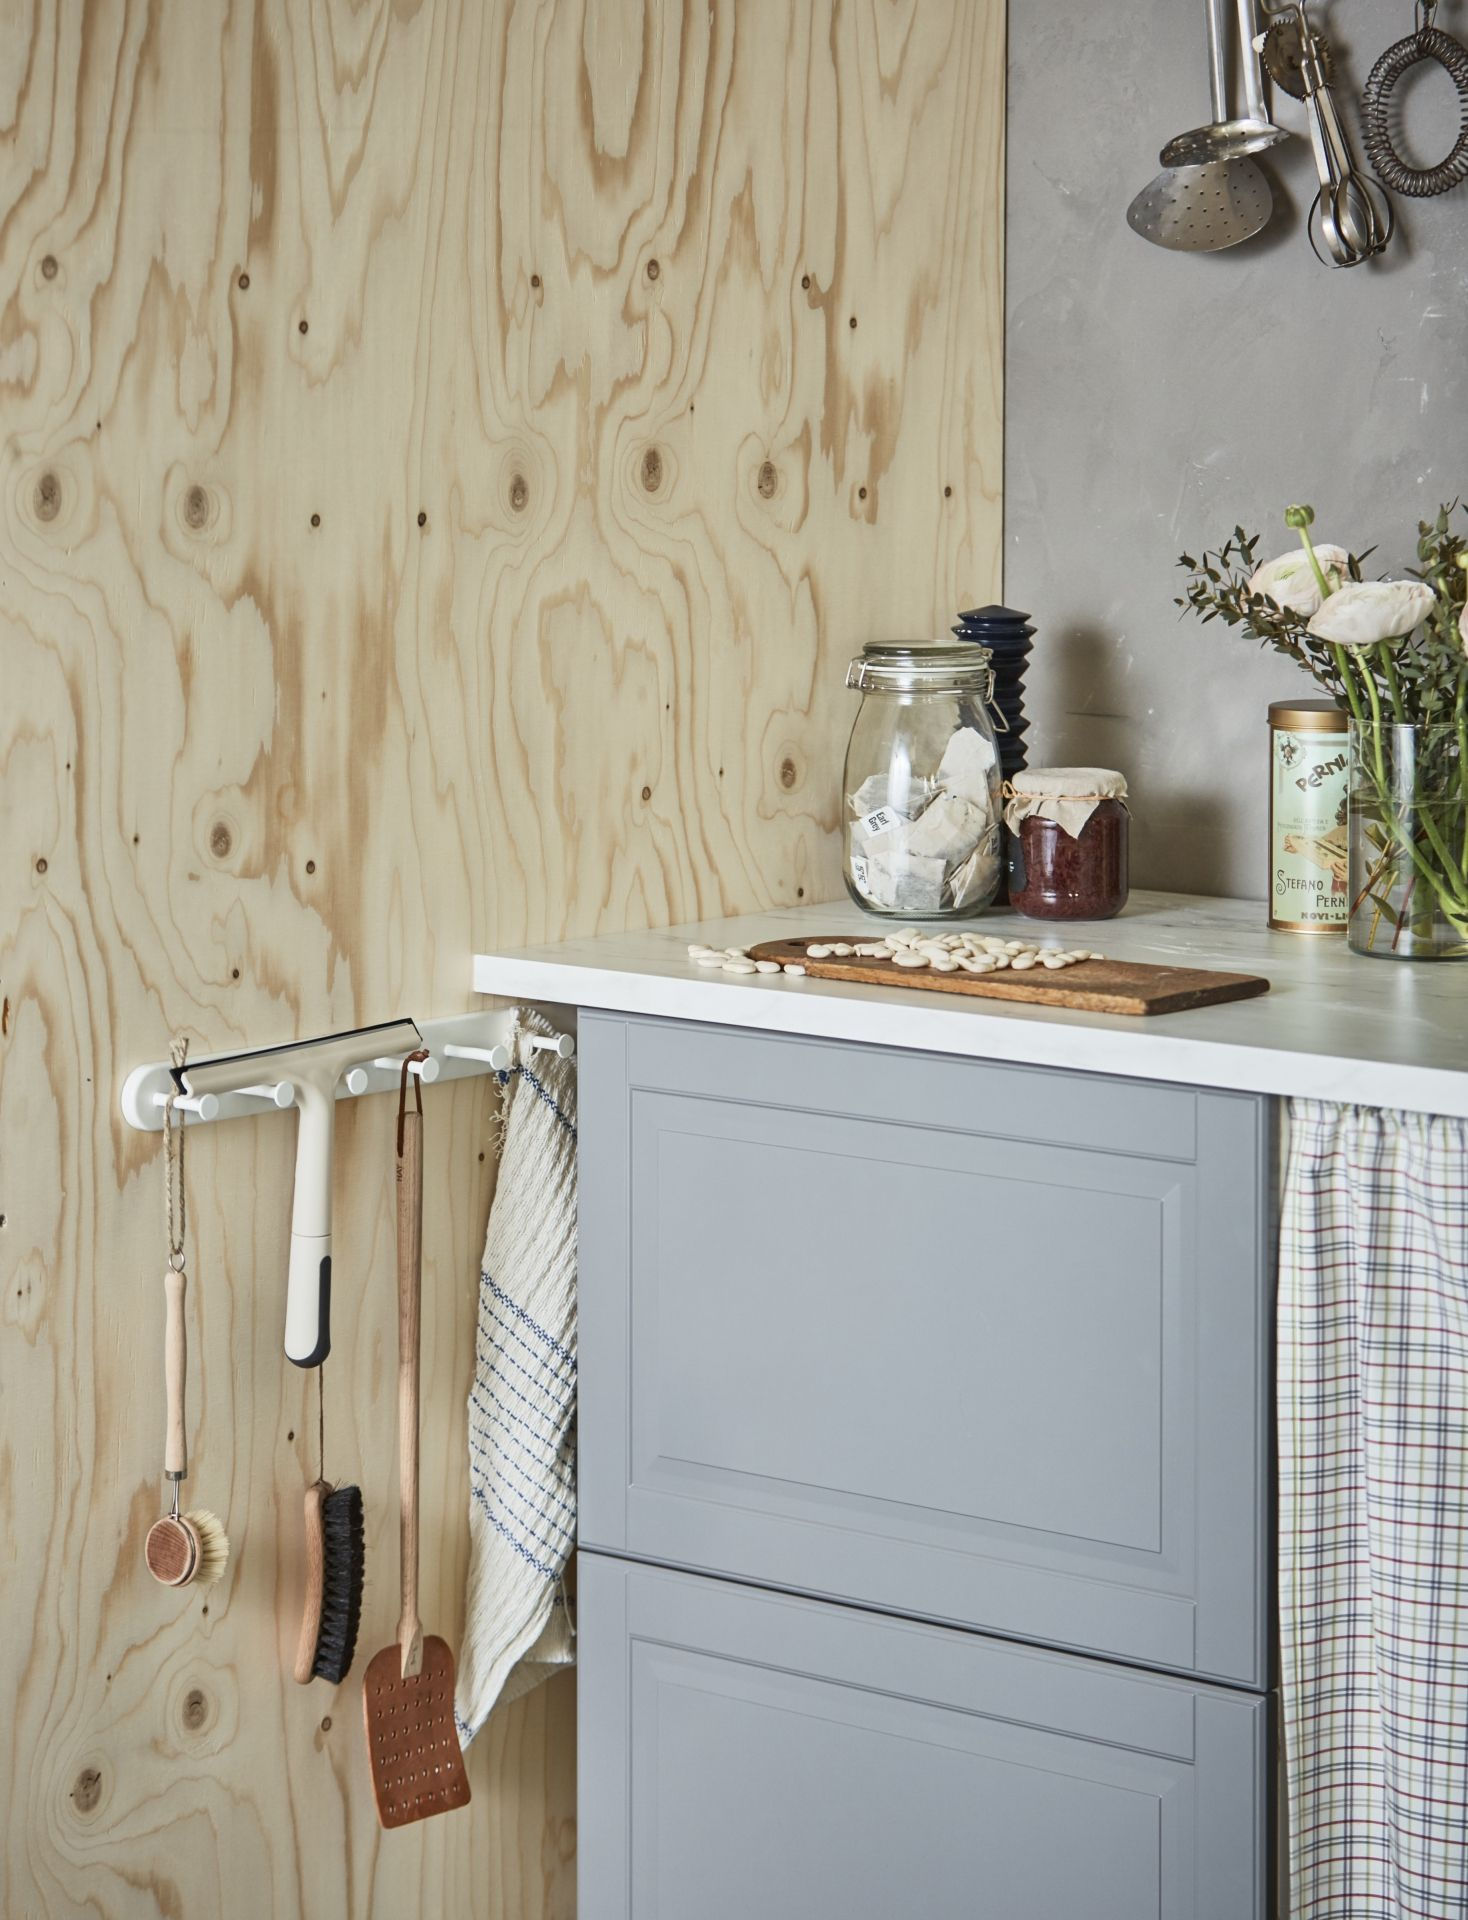 KEA Deutschland | Nutze die Lücken in deiner METOD Küche clever aus ...